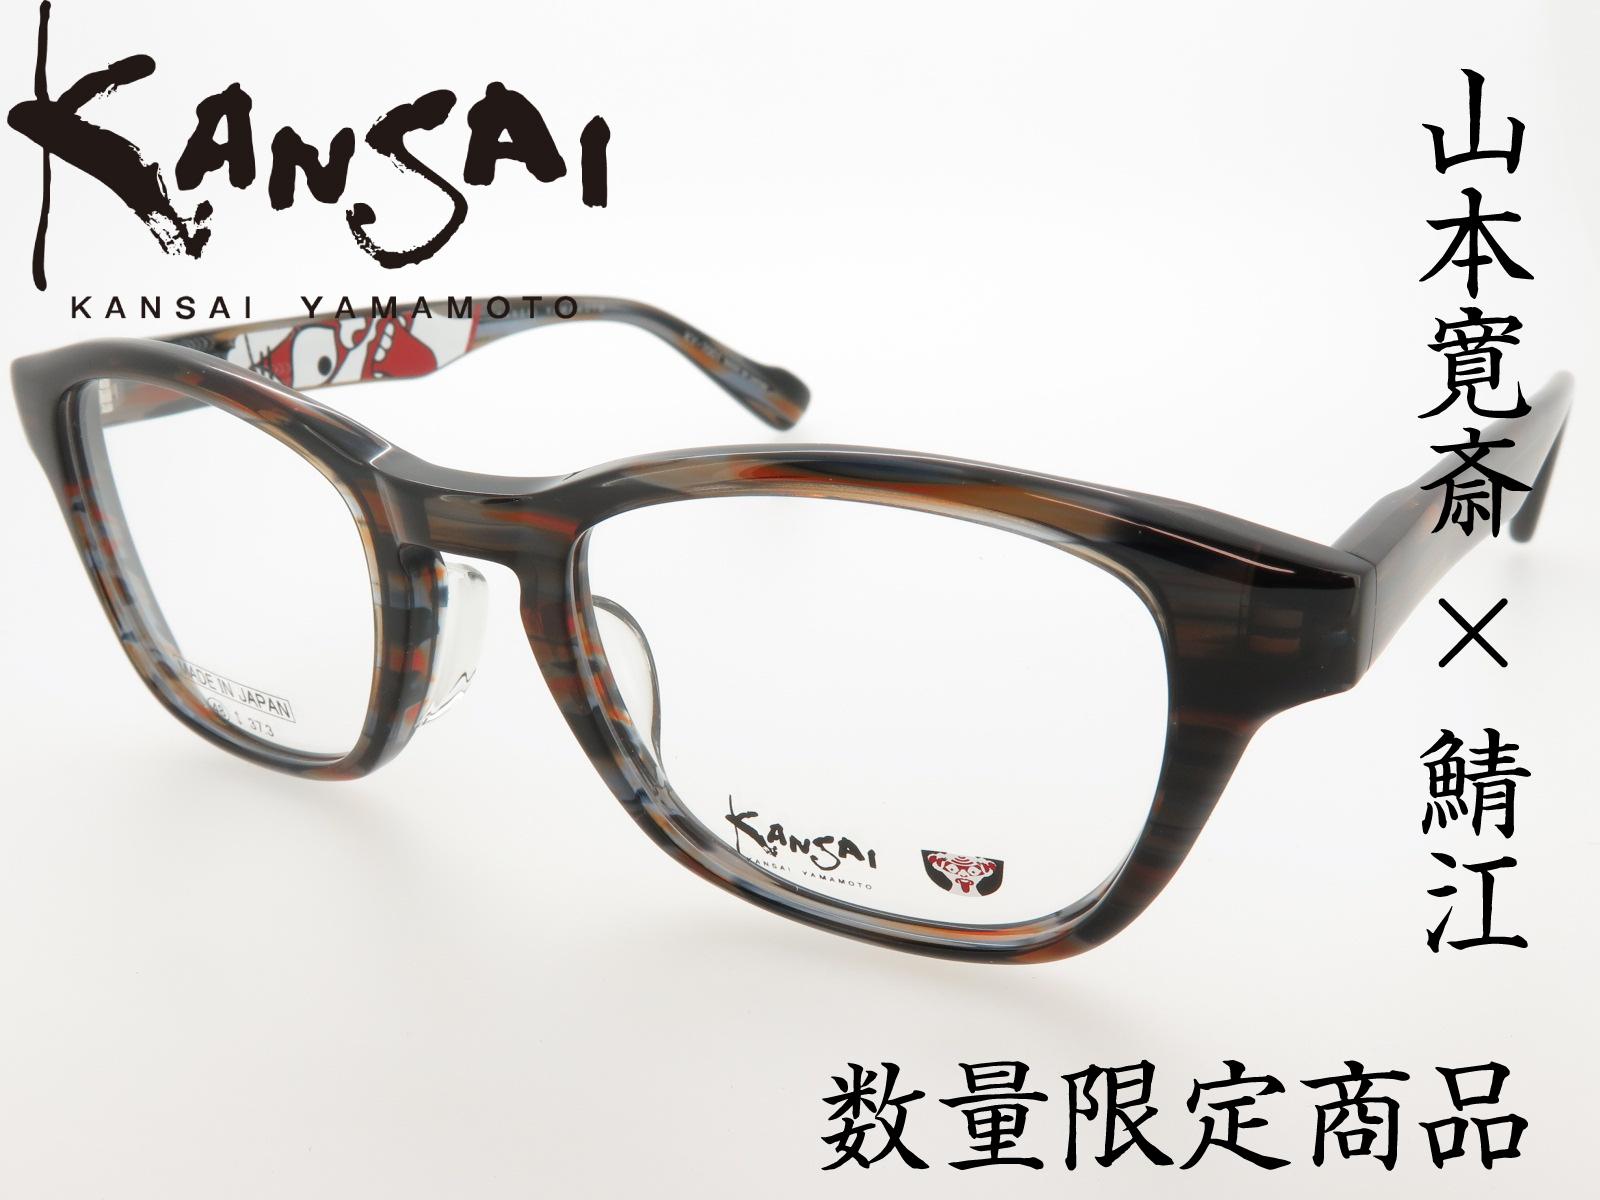 山本寛斎×鯖江 KANSAI YAMAMOTO 数量限定モデル 凧絵 KY7001 Col.3